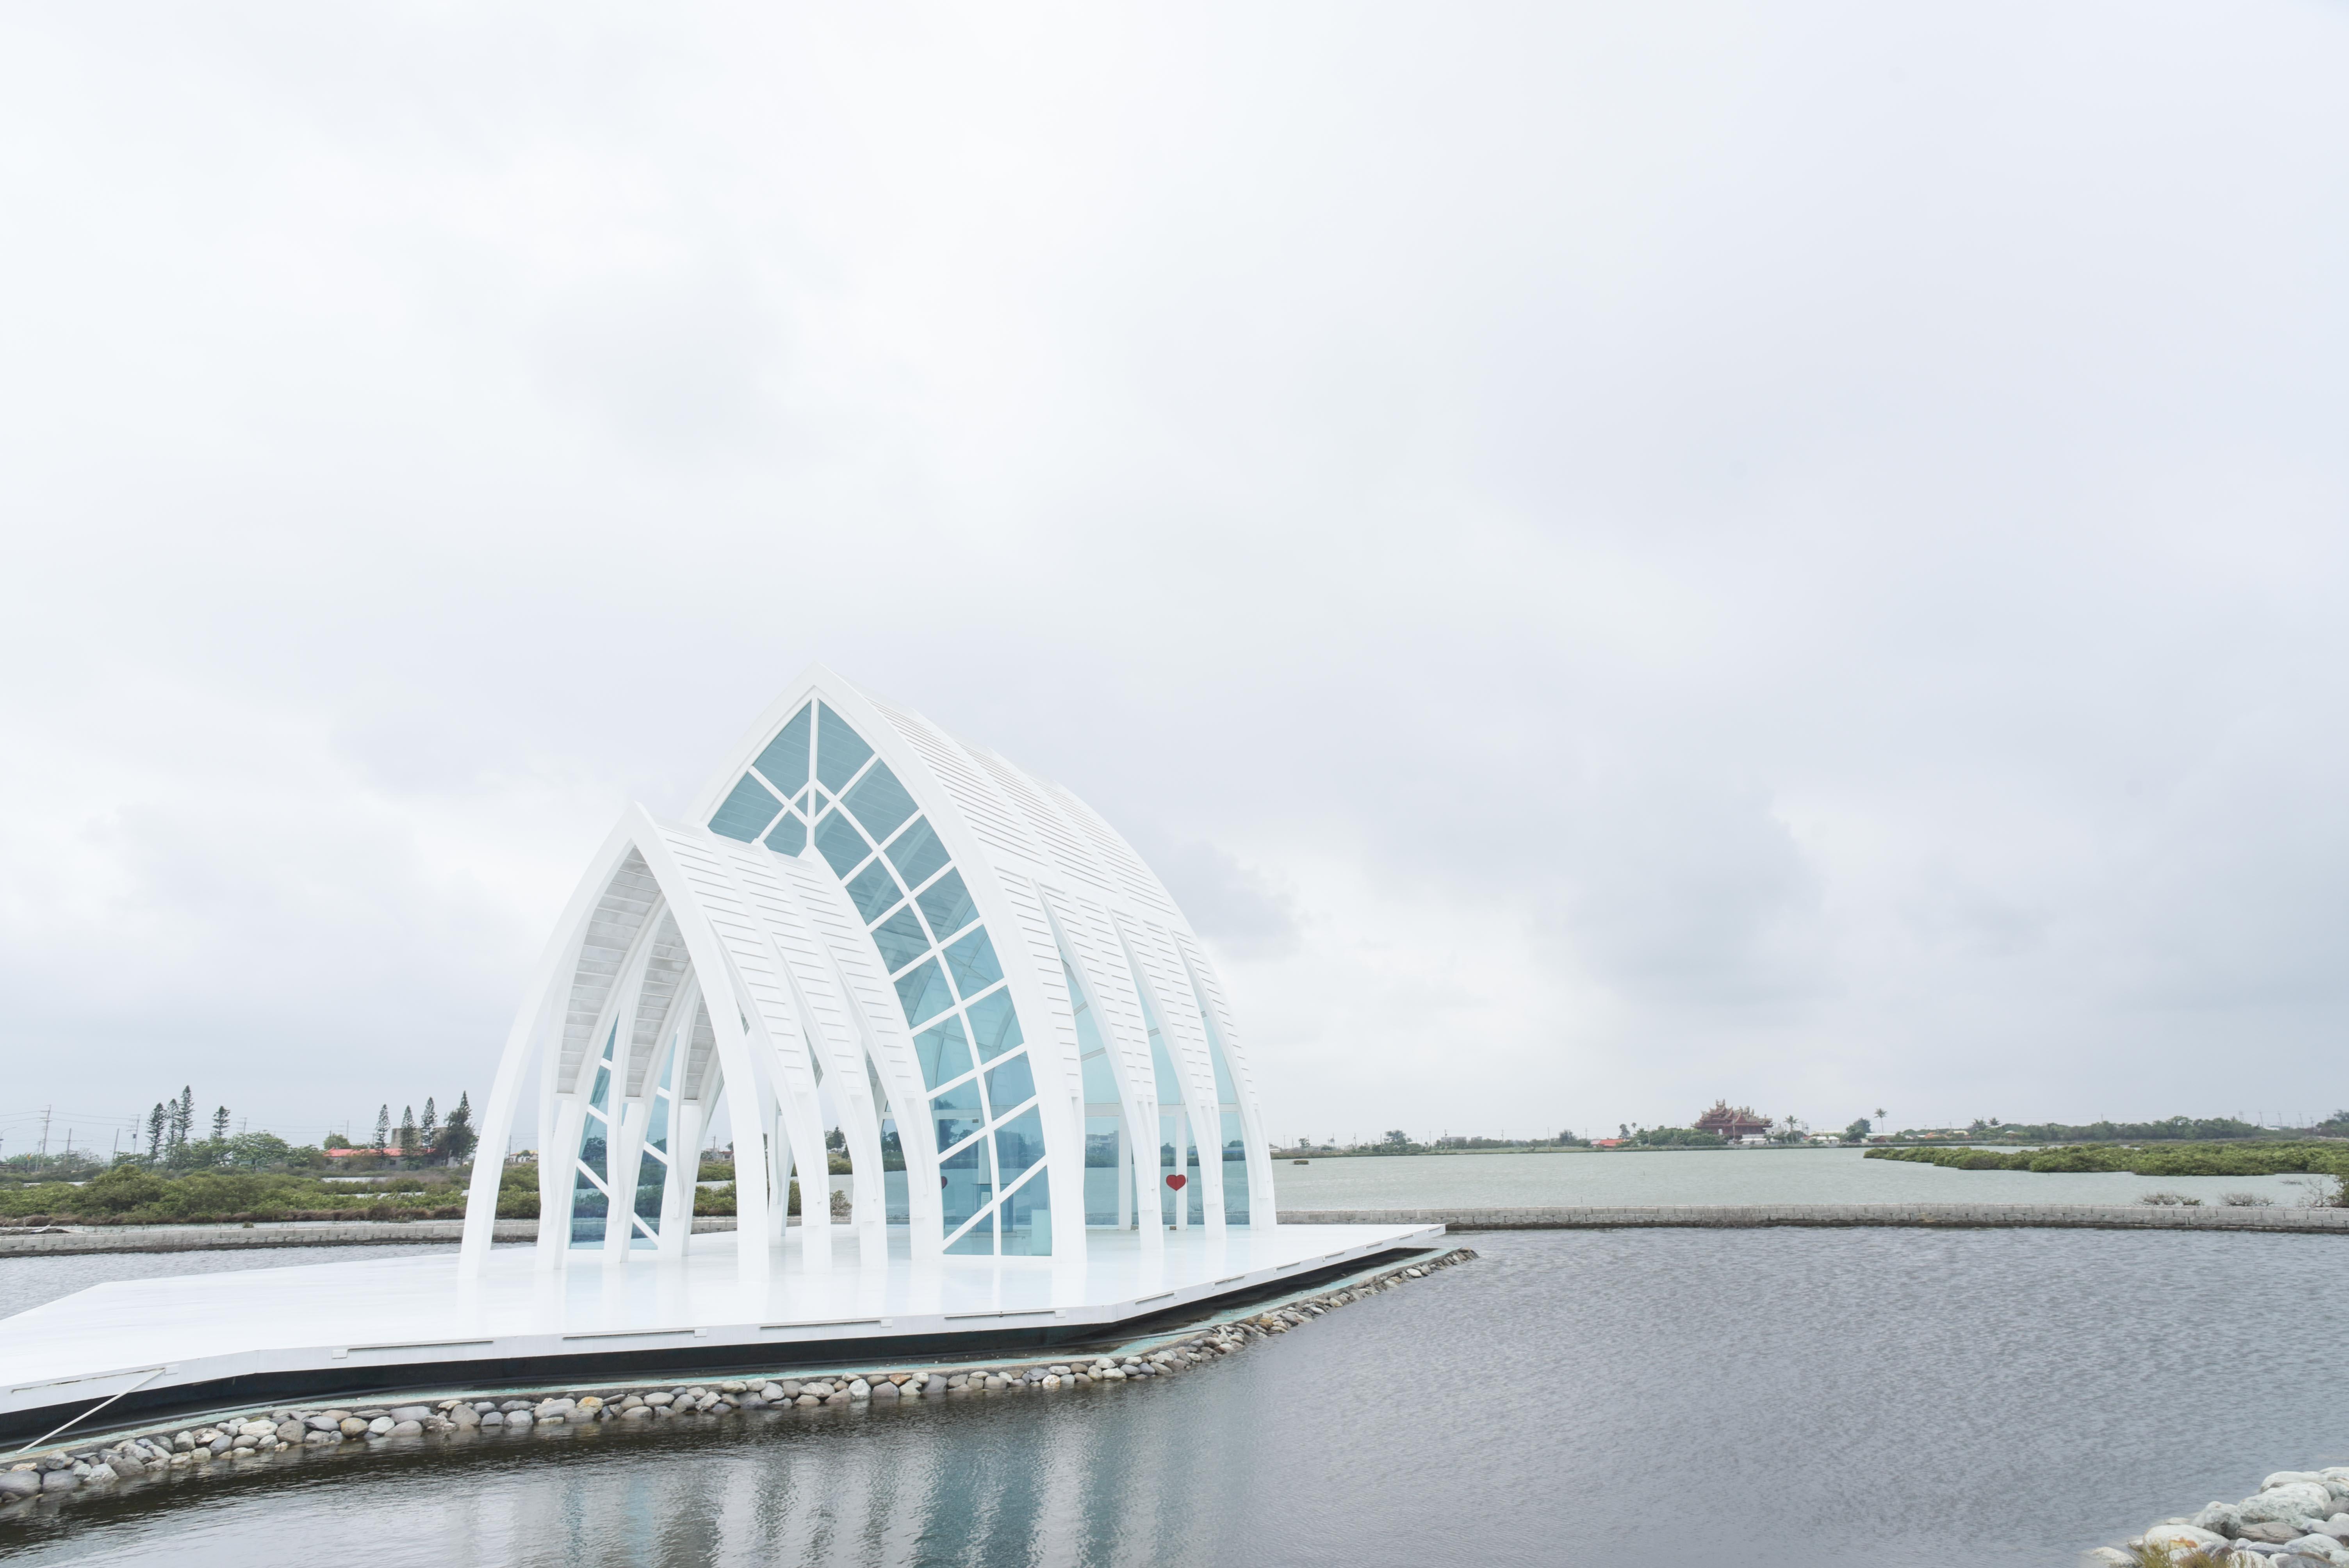 北門水晶教堂擁有極簡純白的外觀,佇立平地之上相當顯眼。圖/觀光局